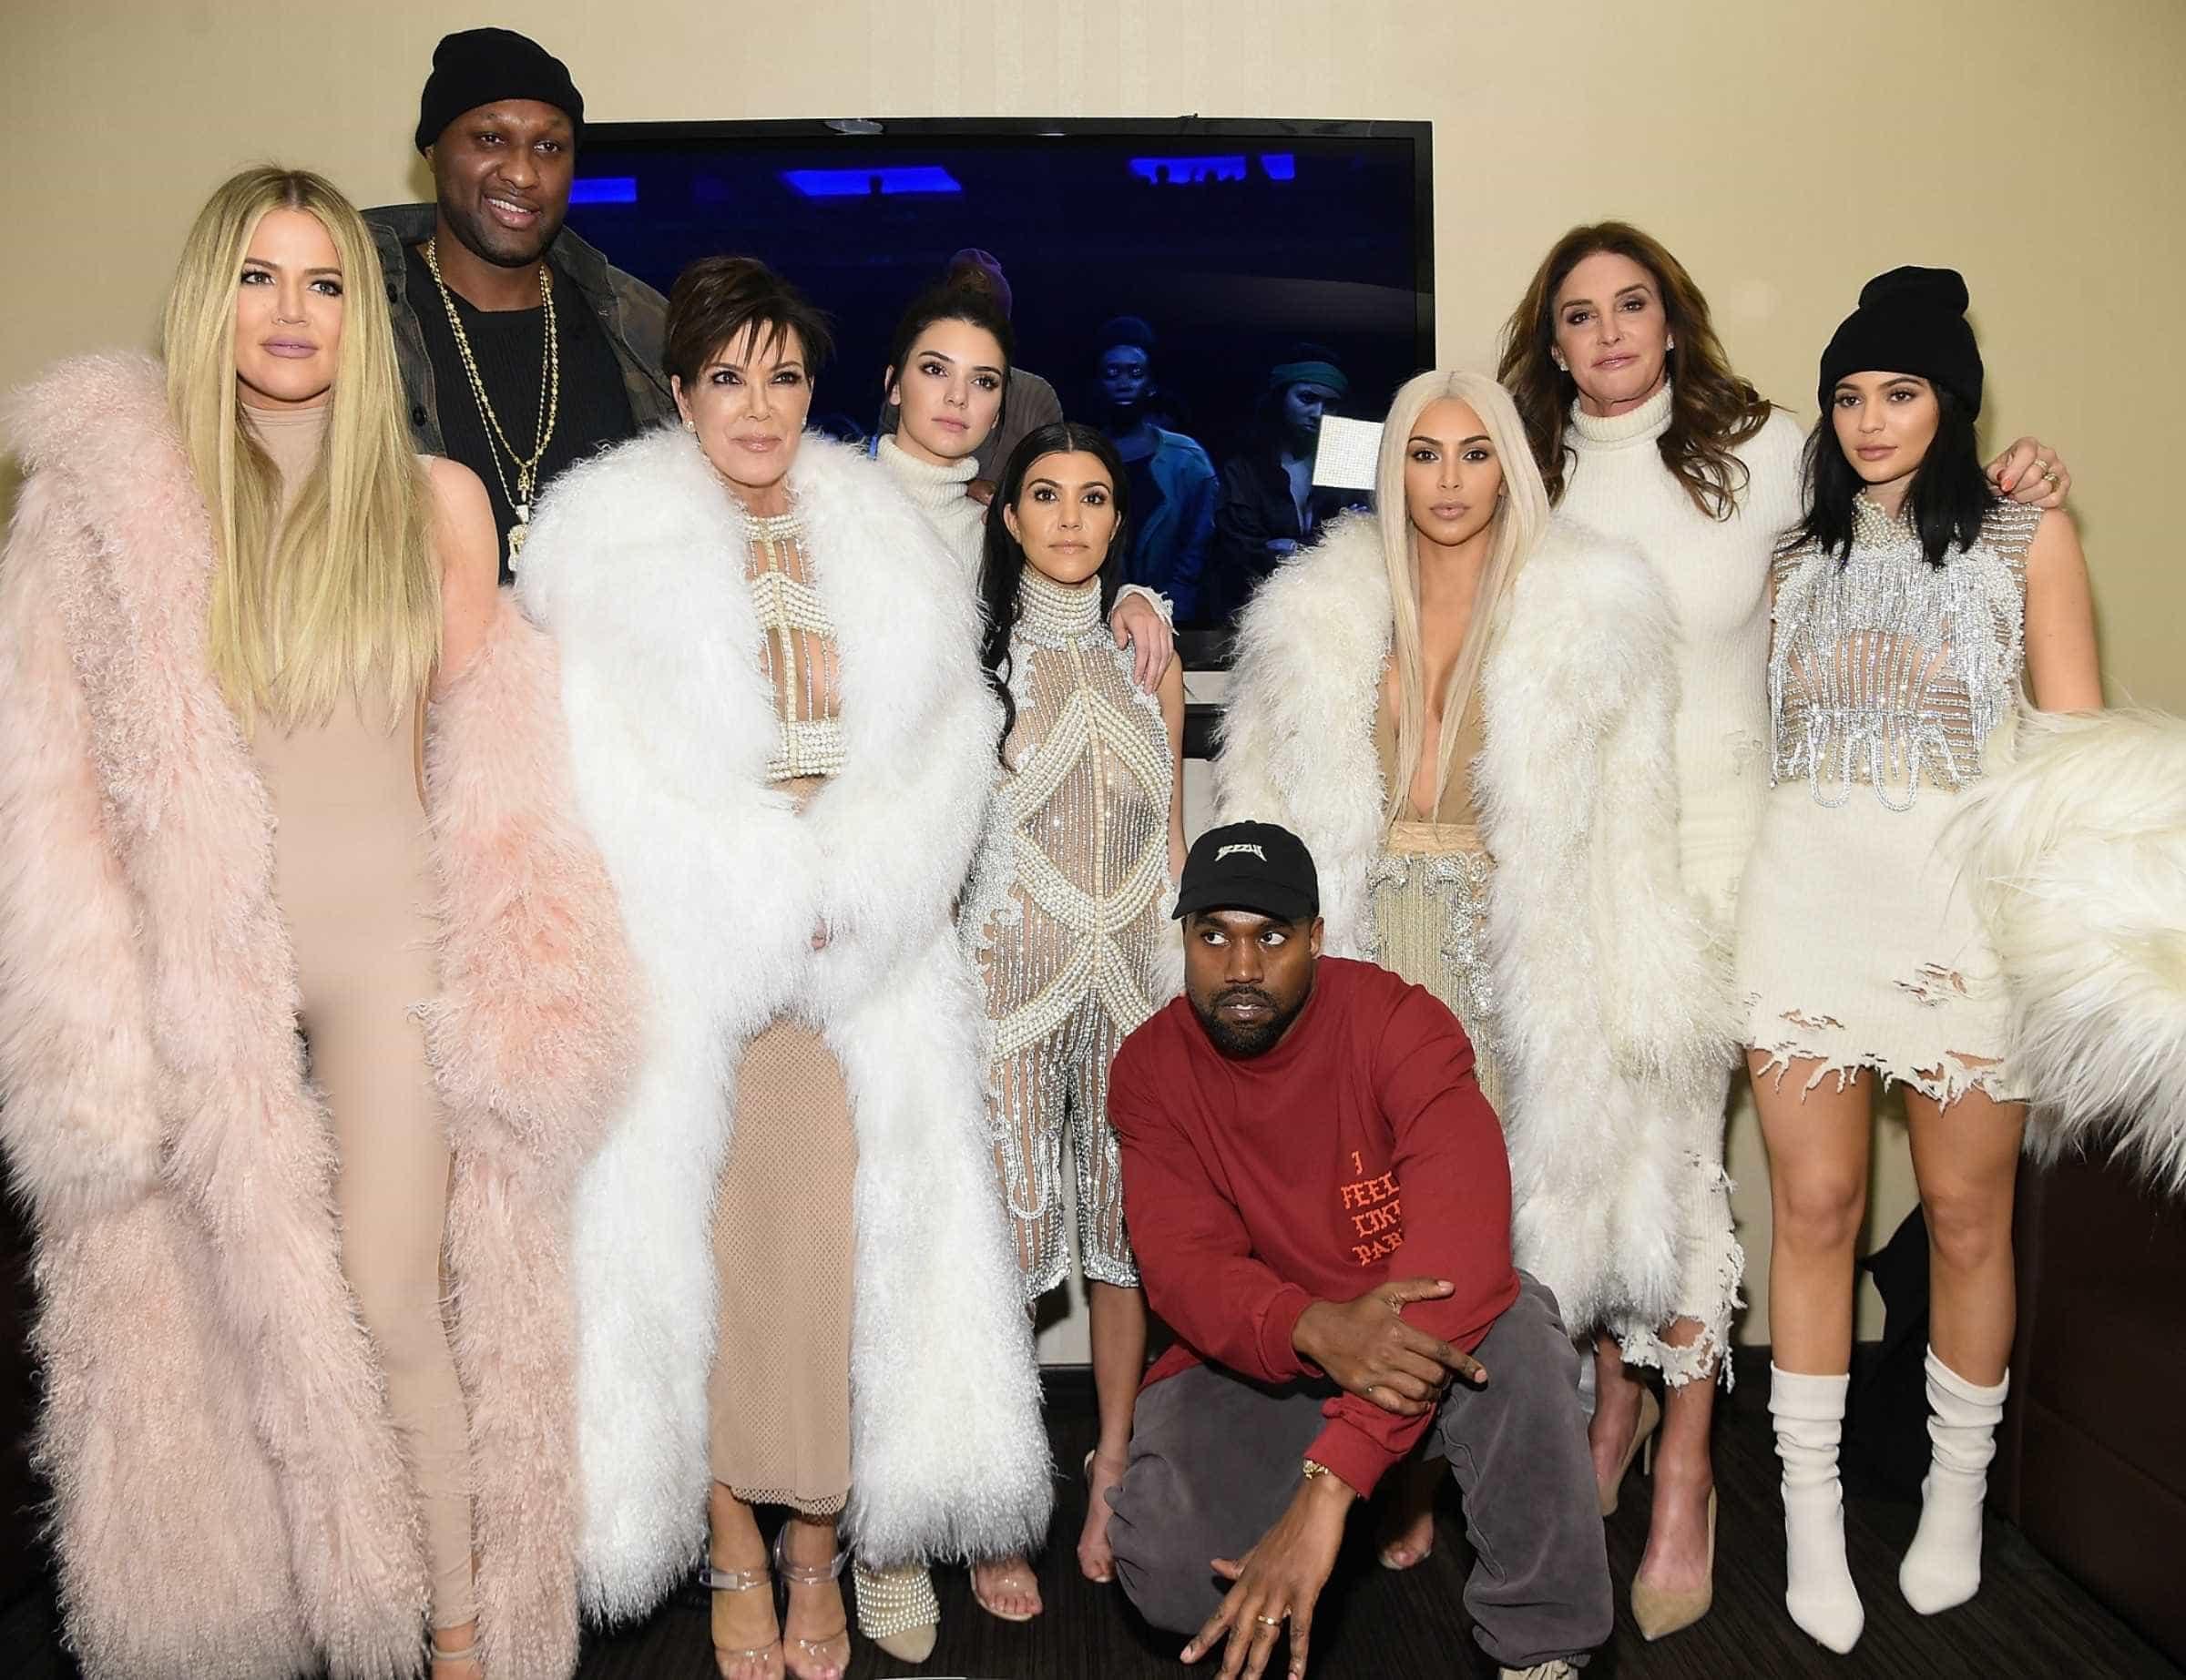 As várias mudanças do clã Kardashian-Jenner -